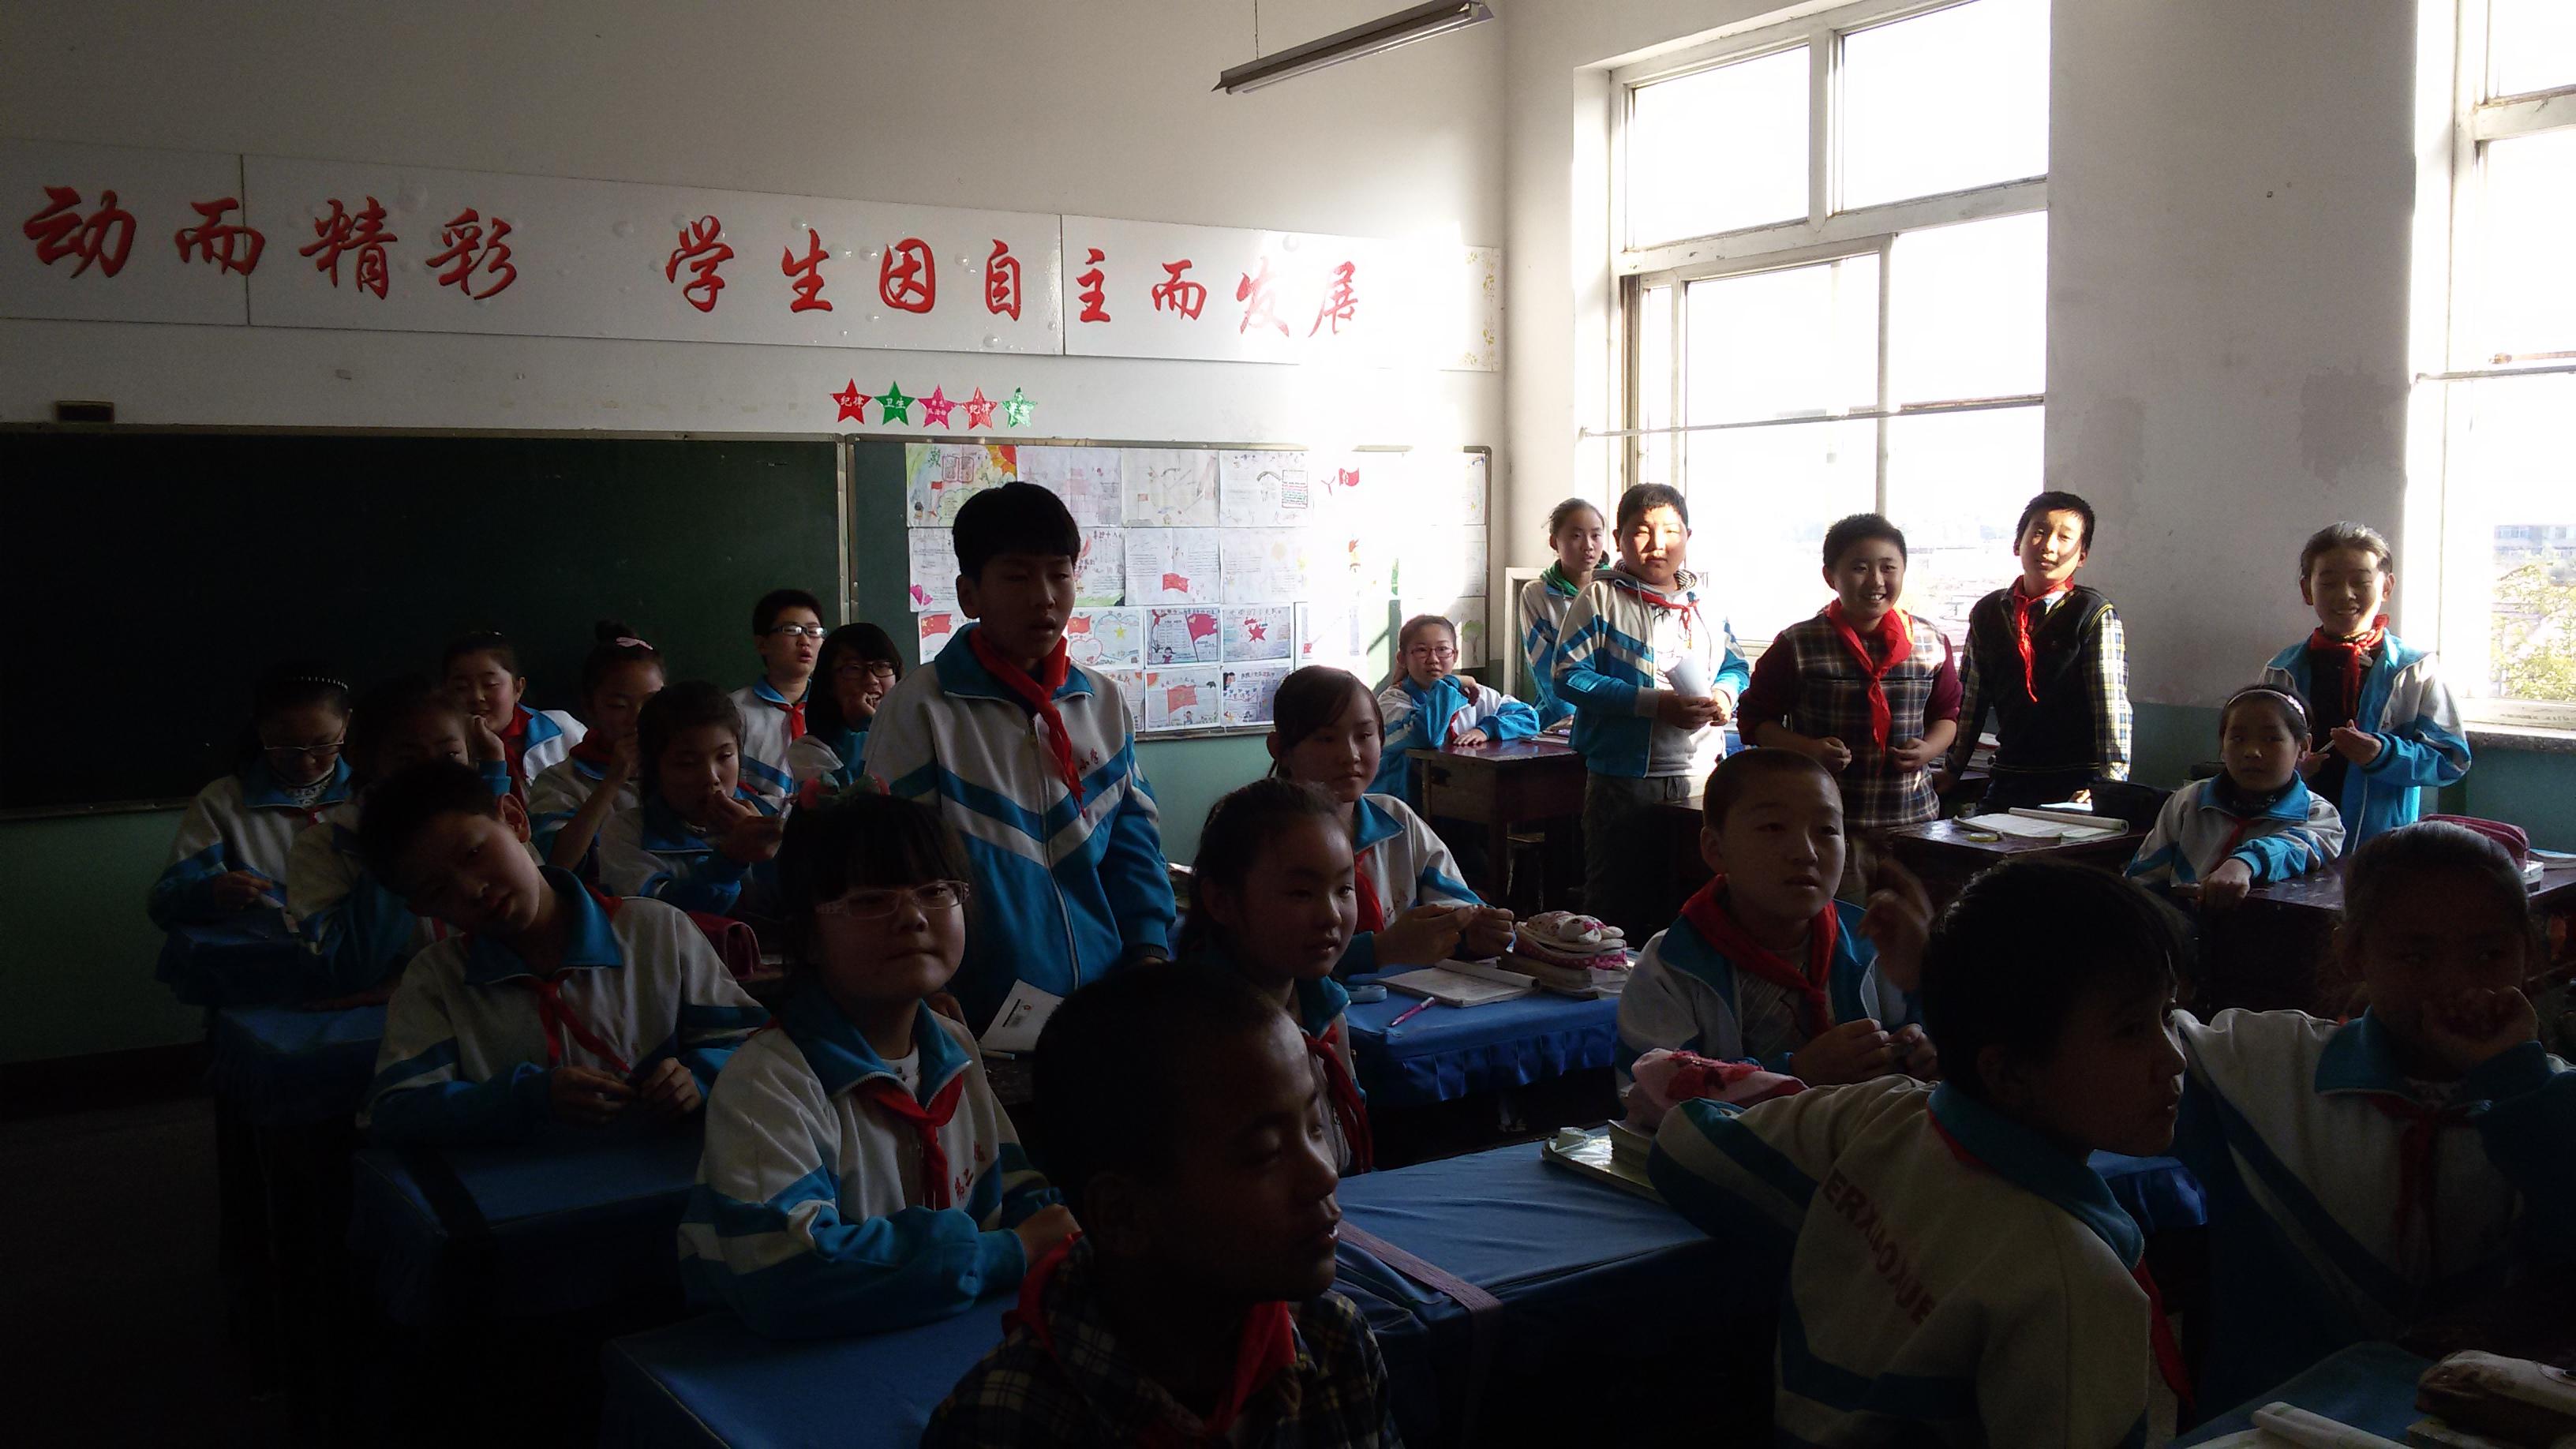 交城县城南中队追梦小学的作文们小学举行红时间队员正在珍惜图片